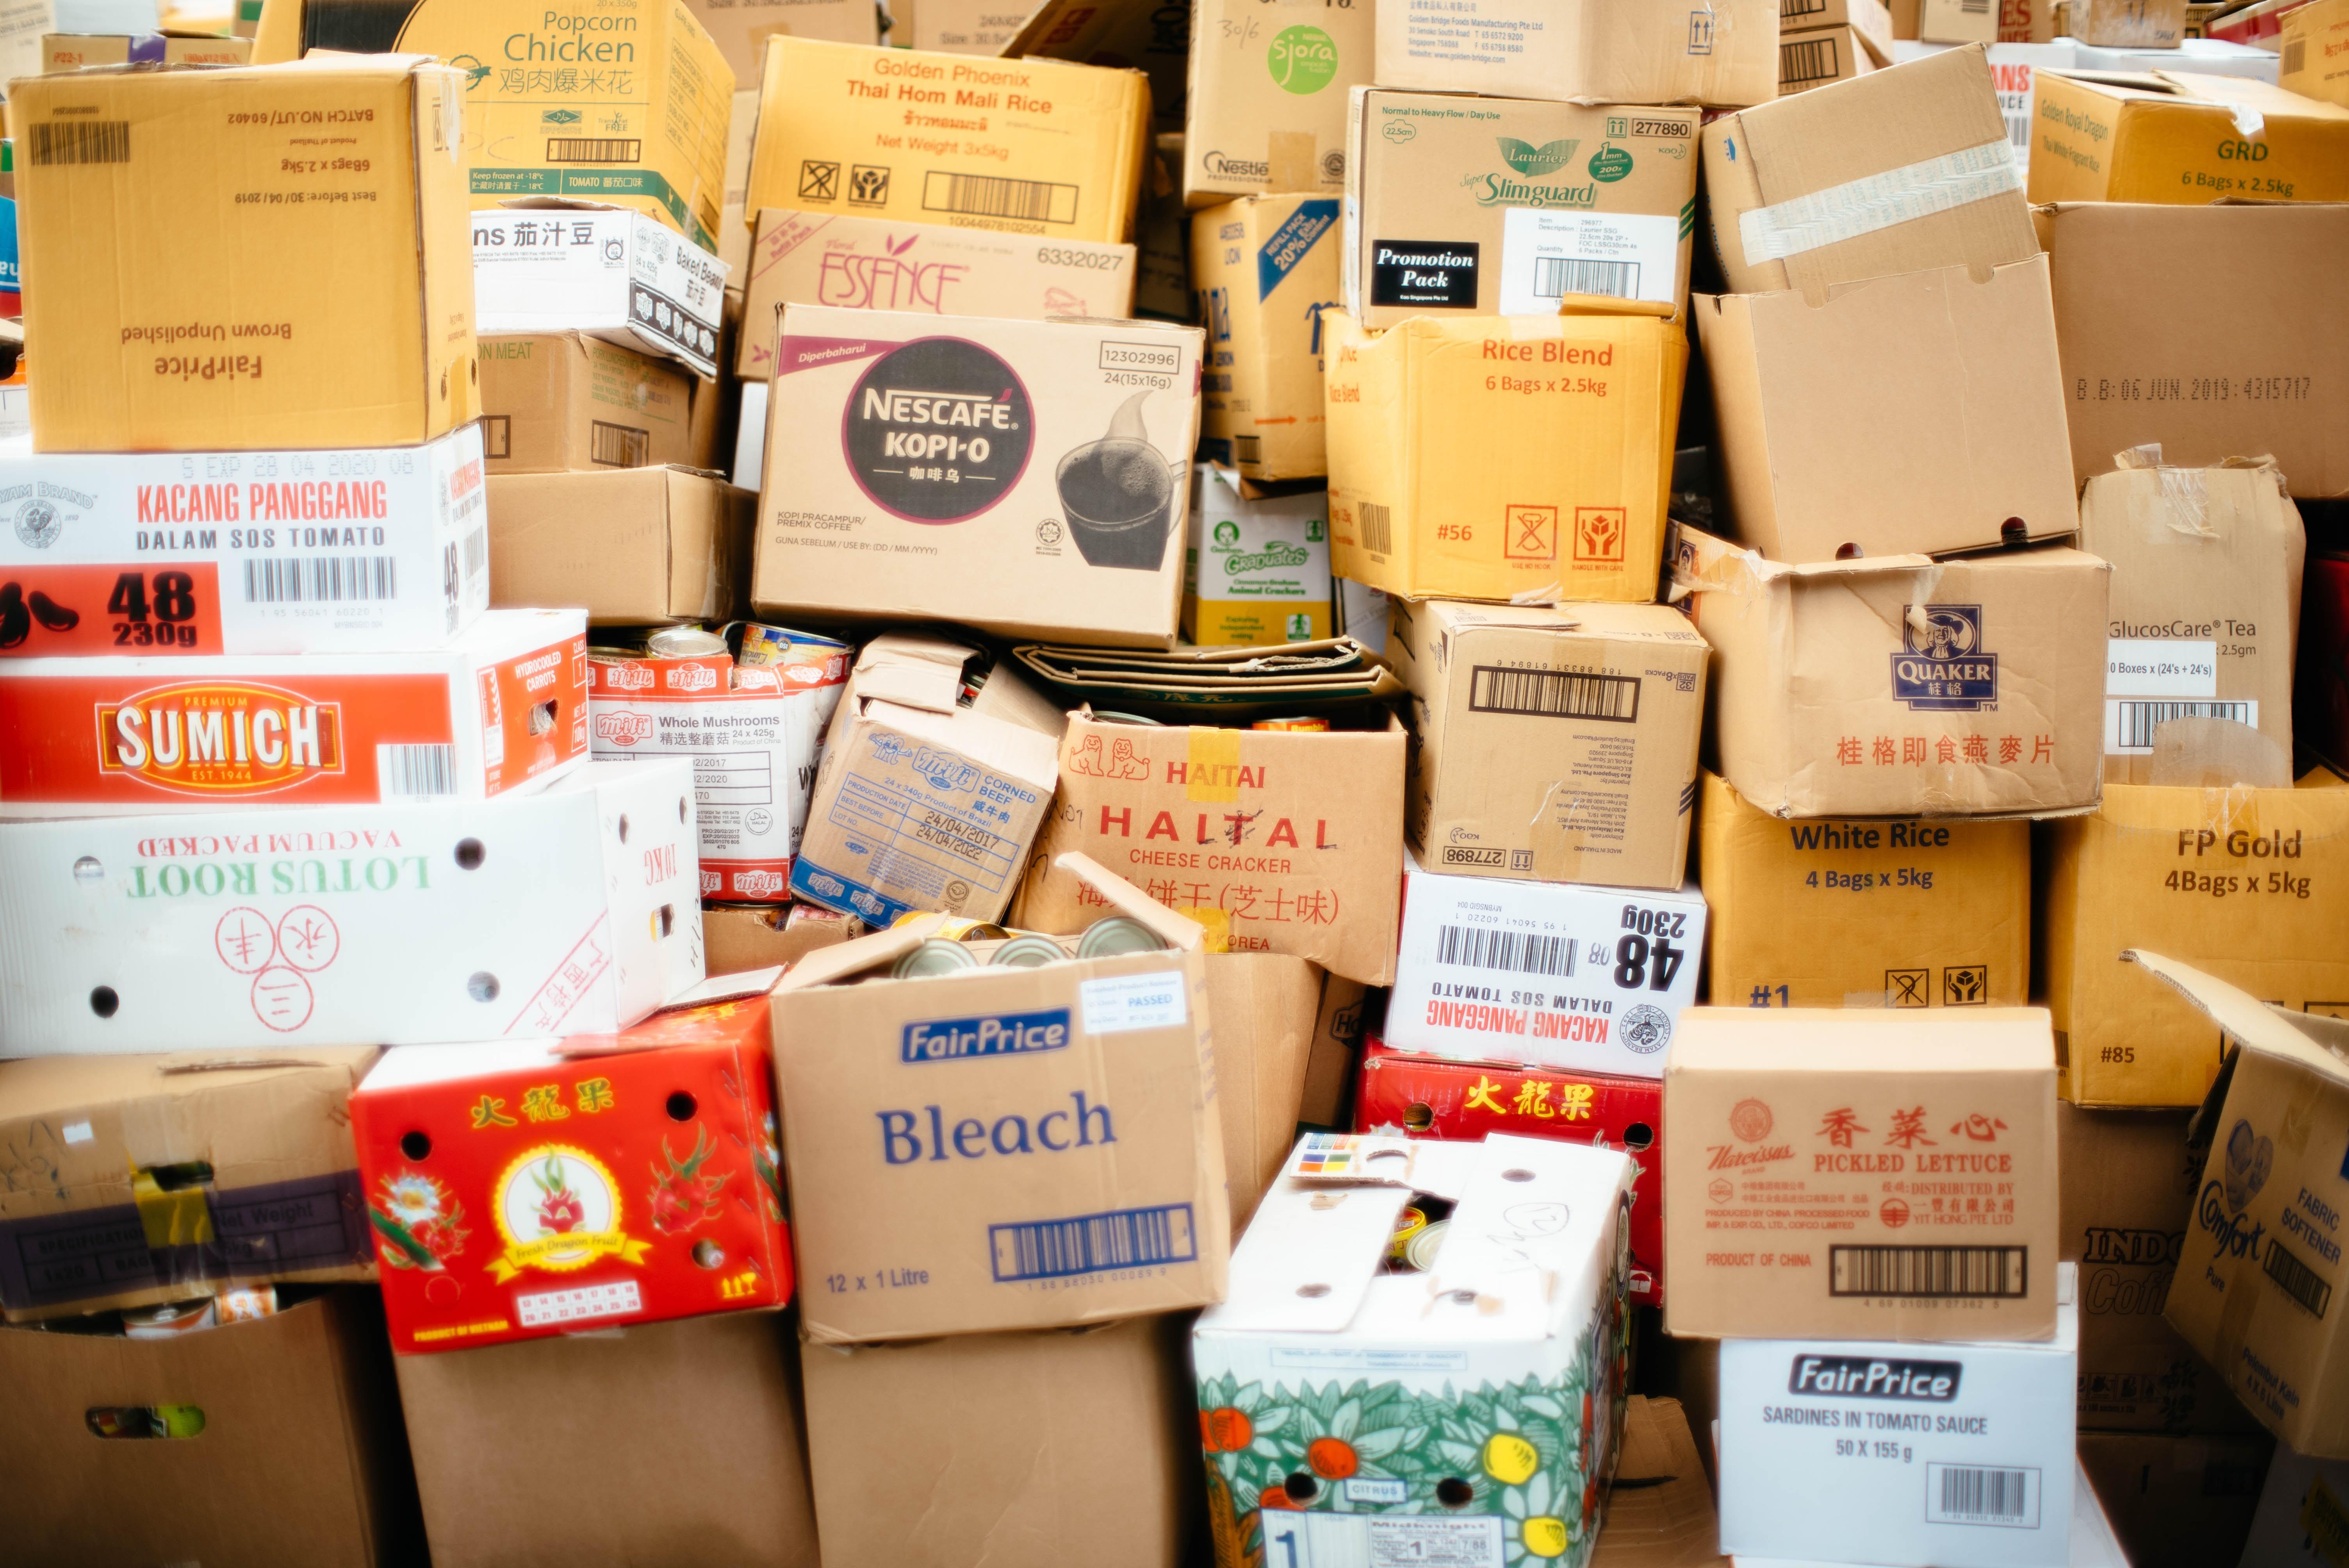 forsendelse af pakker privat